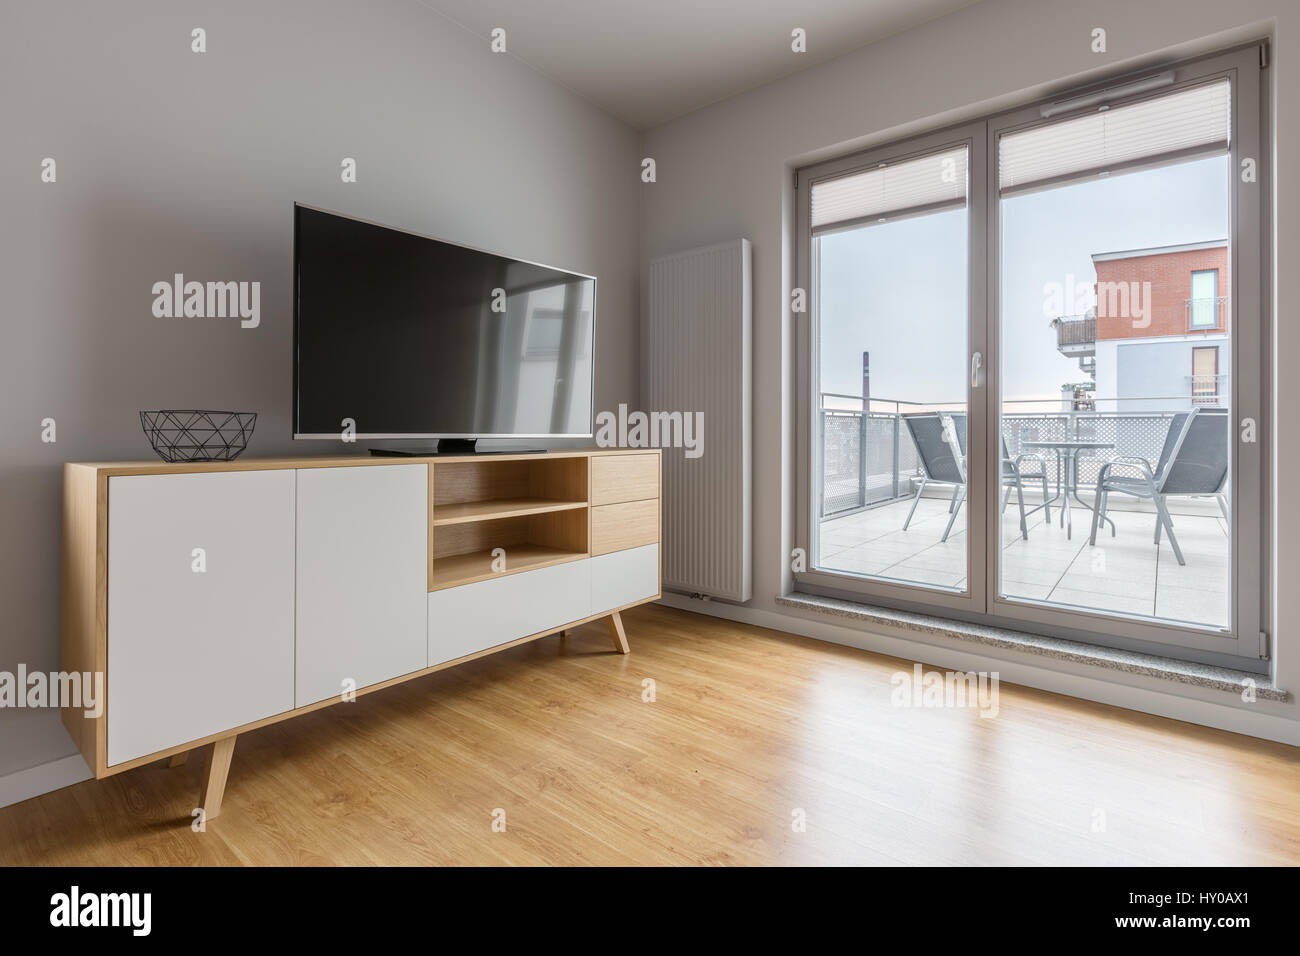 Bodenplatten Balkon | Grau Tv Wohnzimmer Mit Einfachen Schrank Bodenplatten Und Balkon